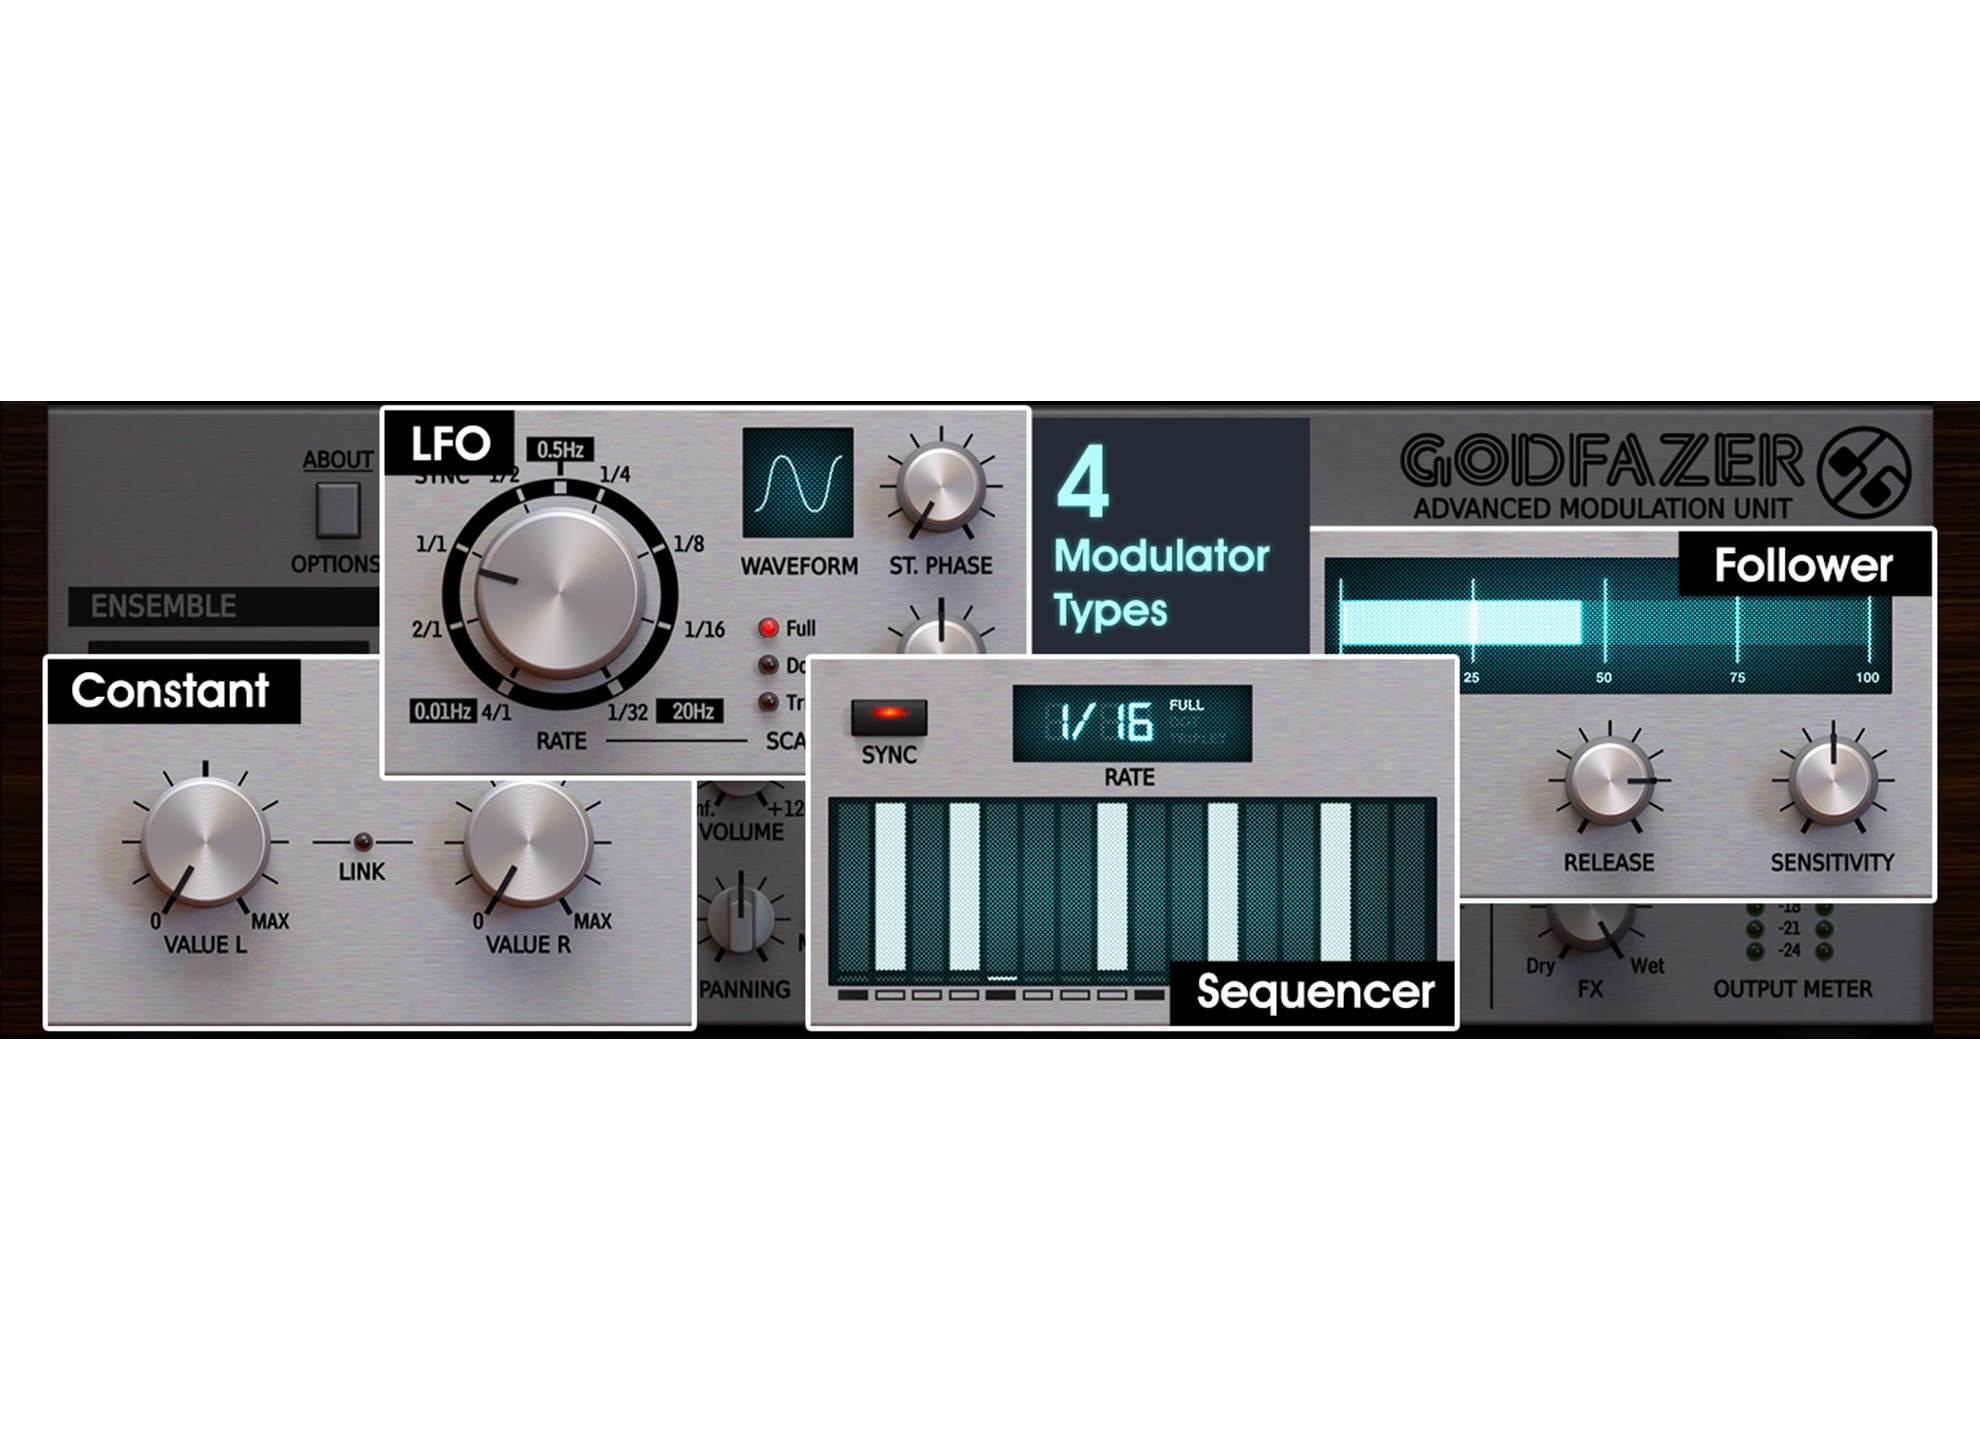 GodFazer